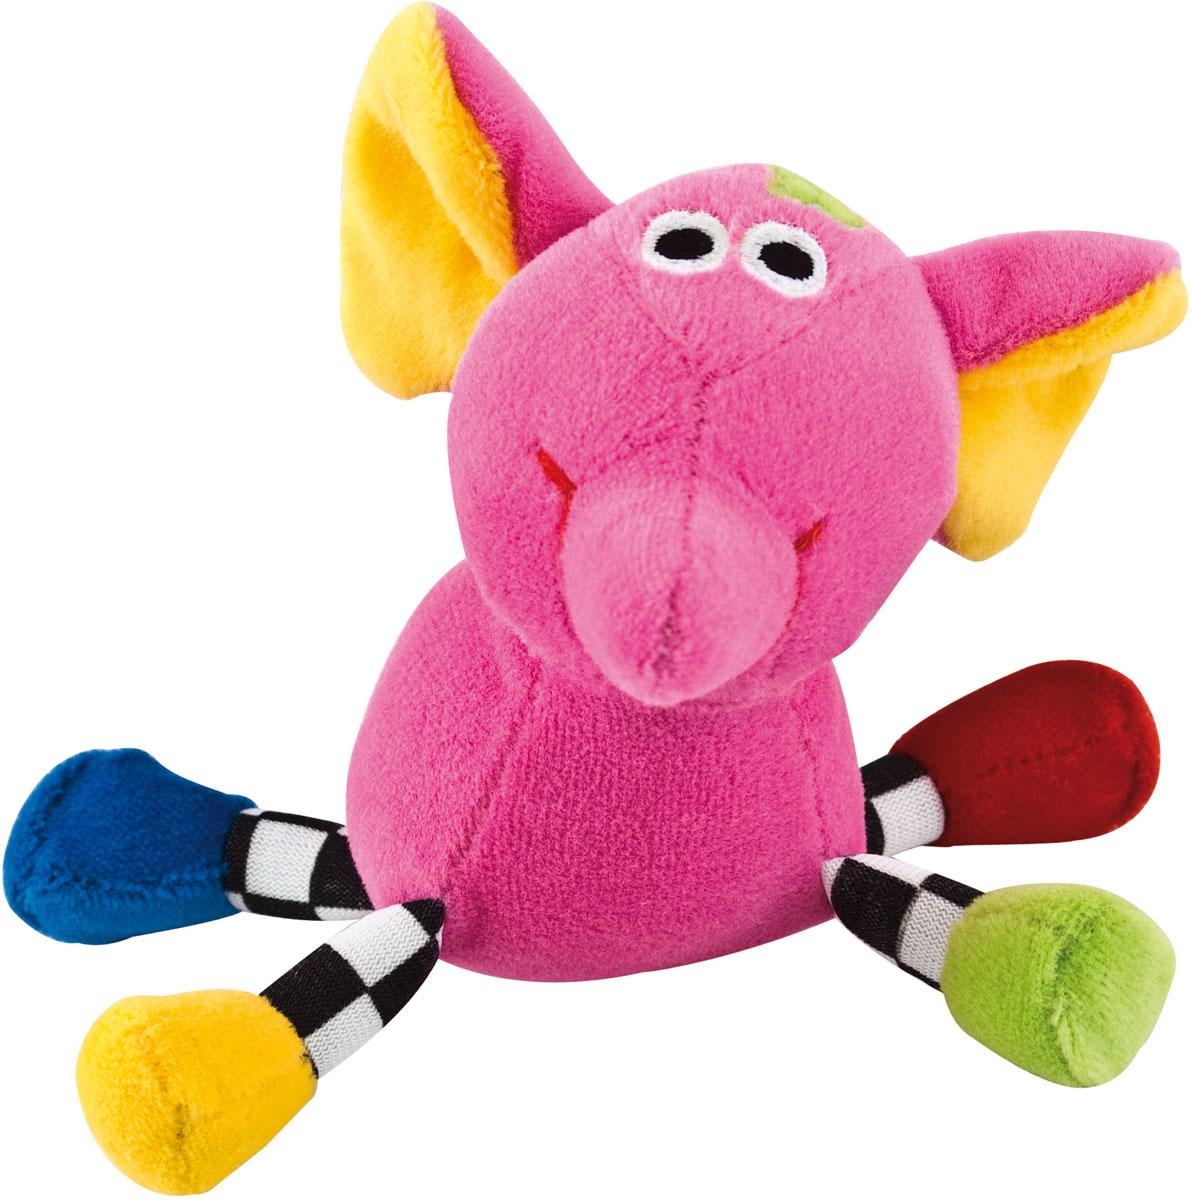 Canpol Babies Игрушка подвесная с погремушкой Сумасшедшие животные Слон цвет розовый canpol babies погремушка улитка 0 canpol babies зеленый